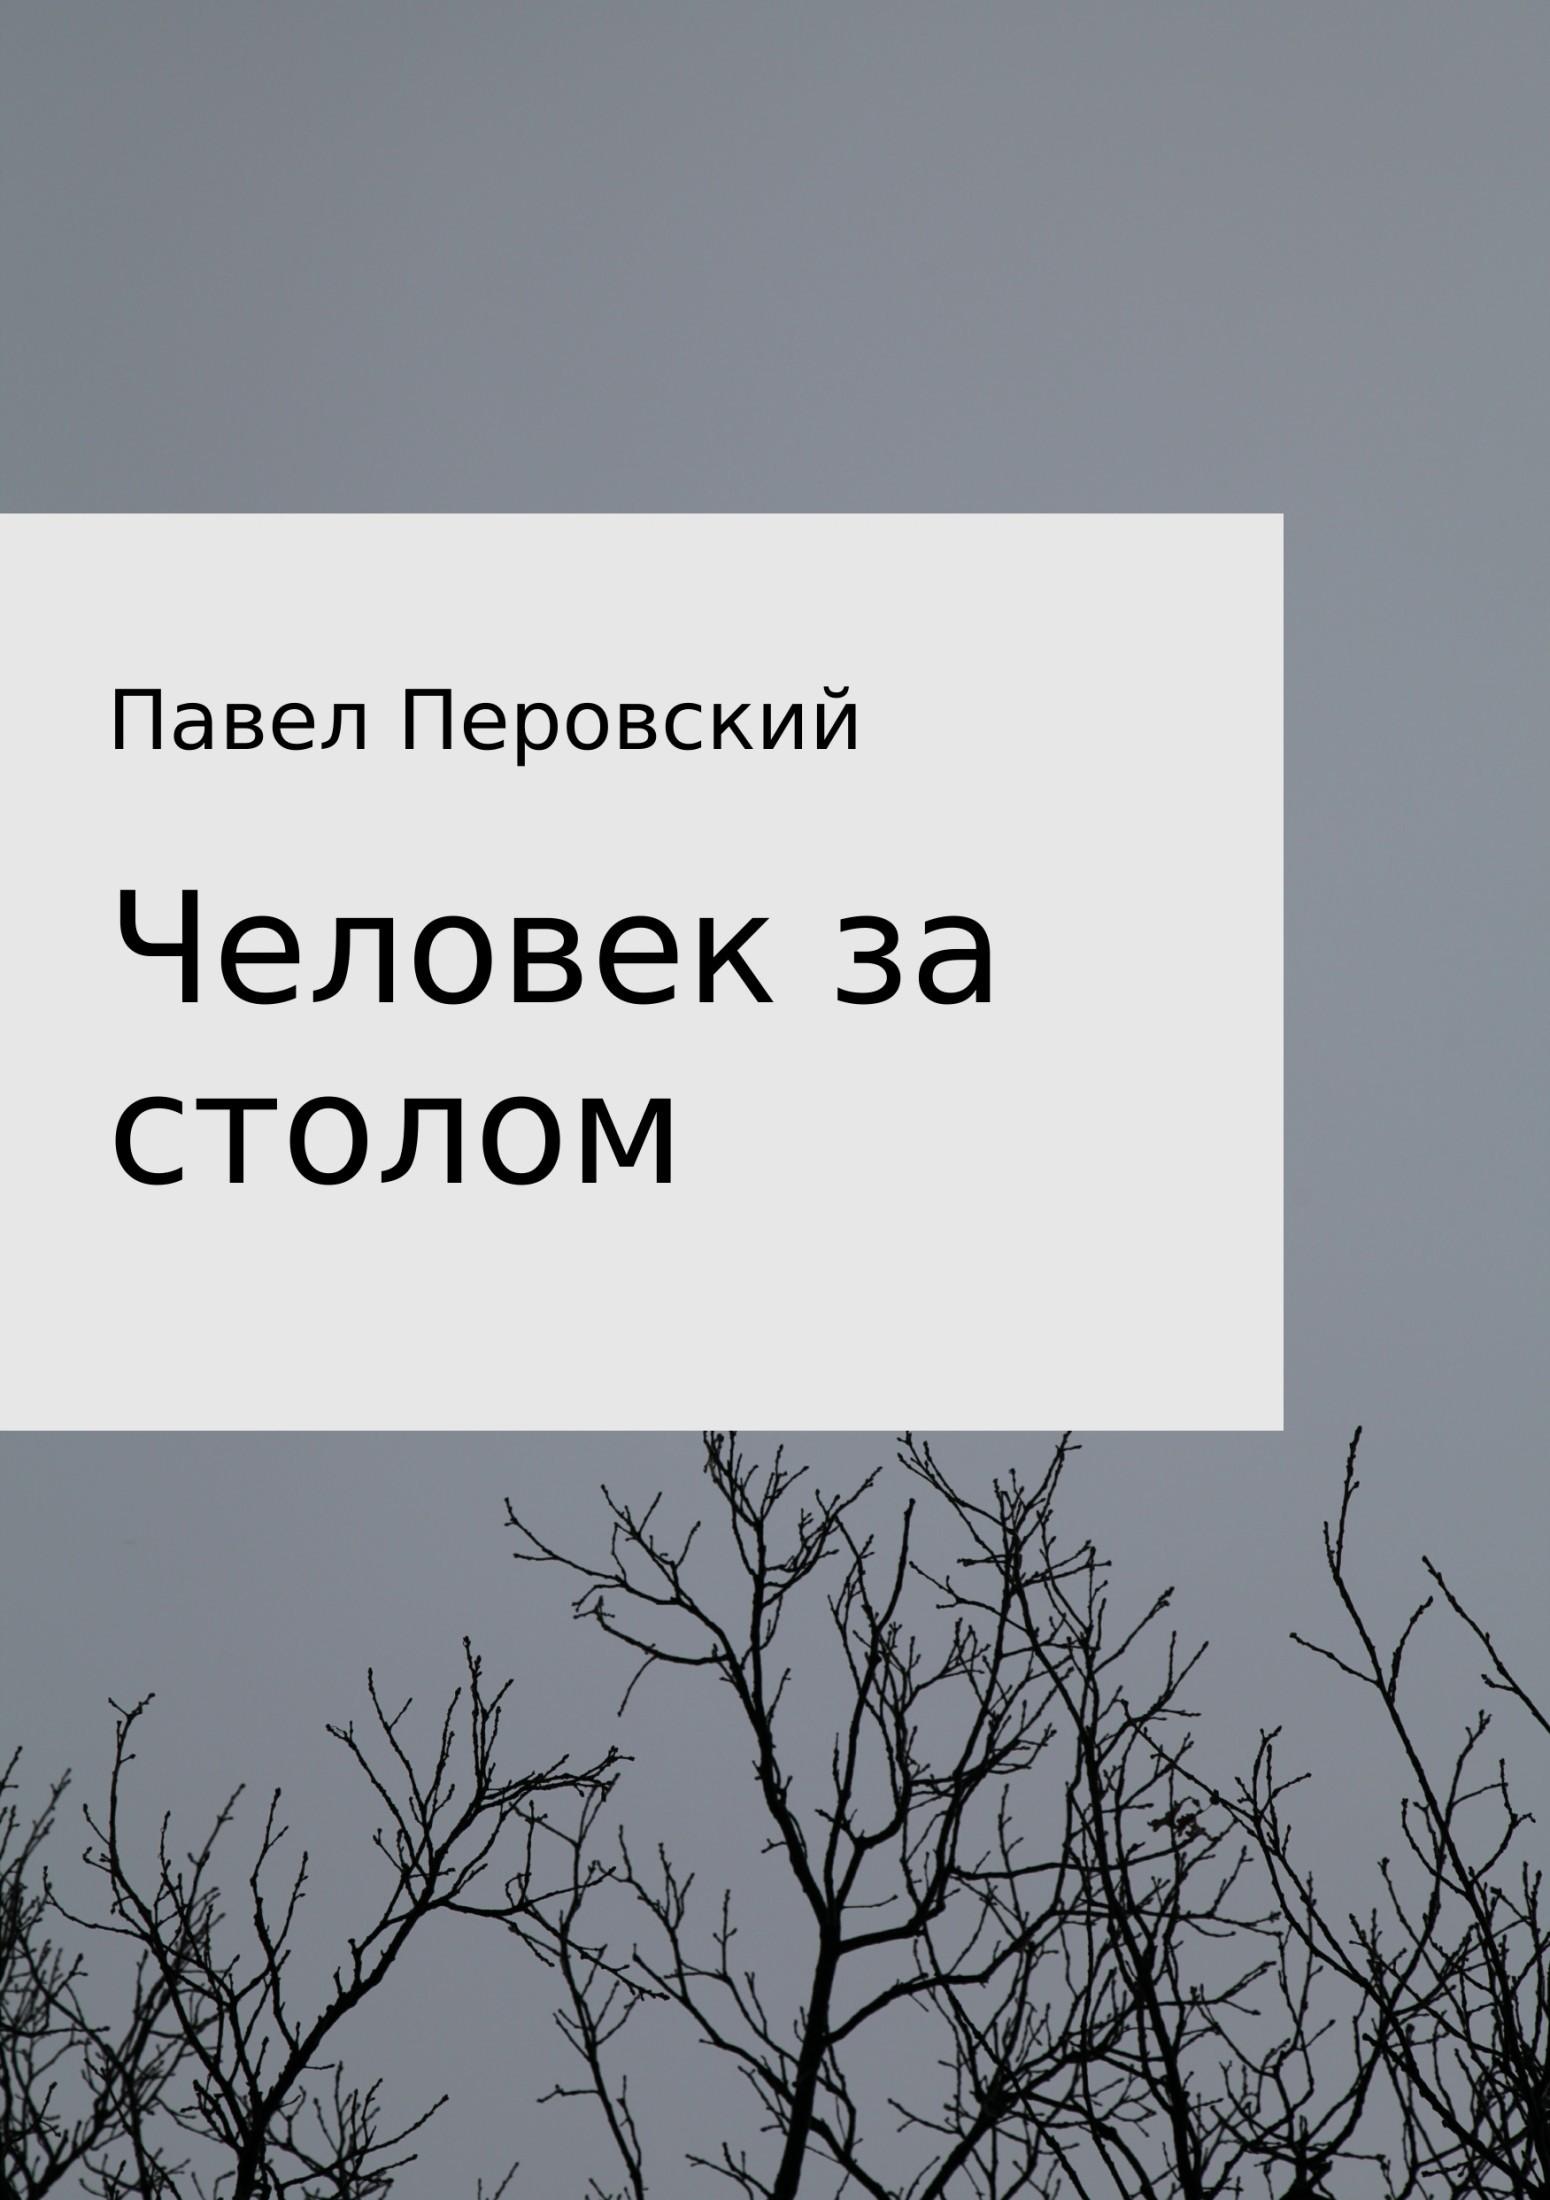 Павел Перовский Человек за столом рингер р привычки на миллион 10 простых шагов к тому чтобы получить все о чем вы мечтаете